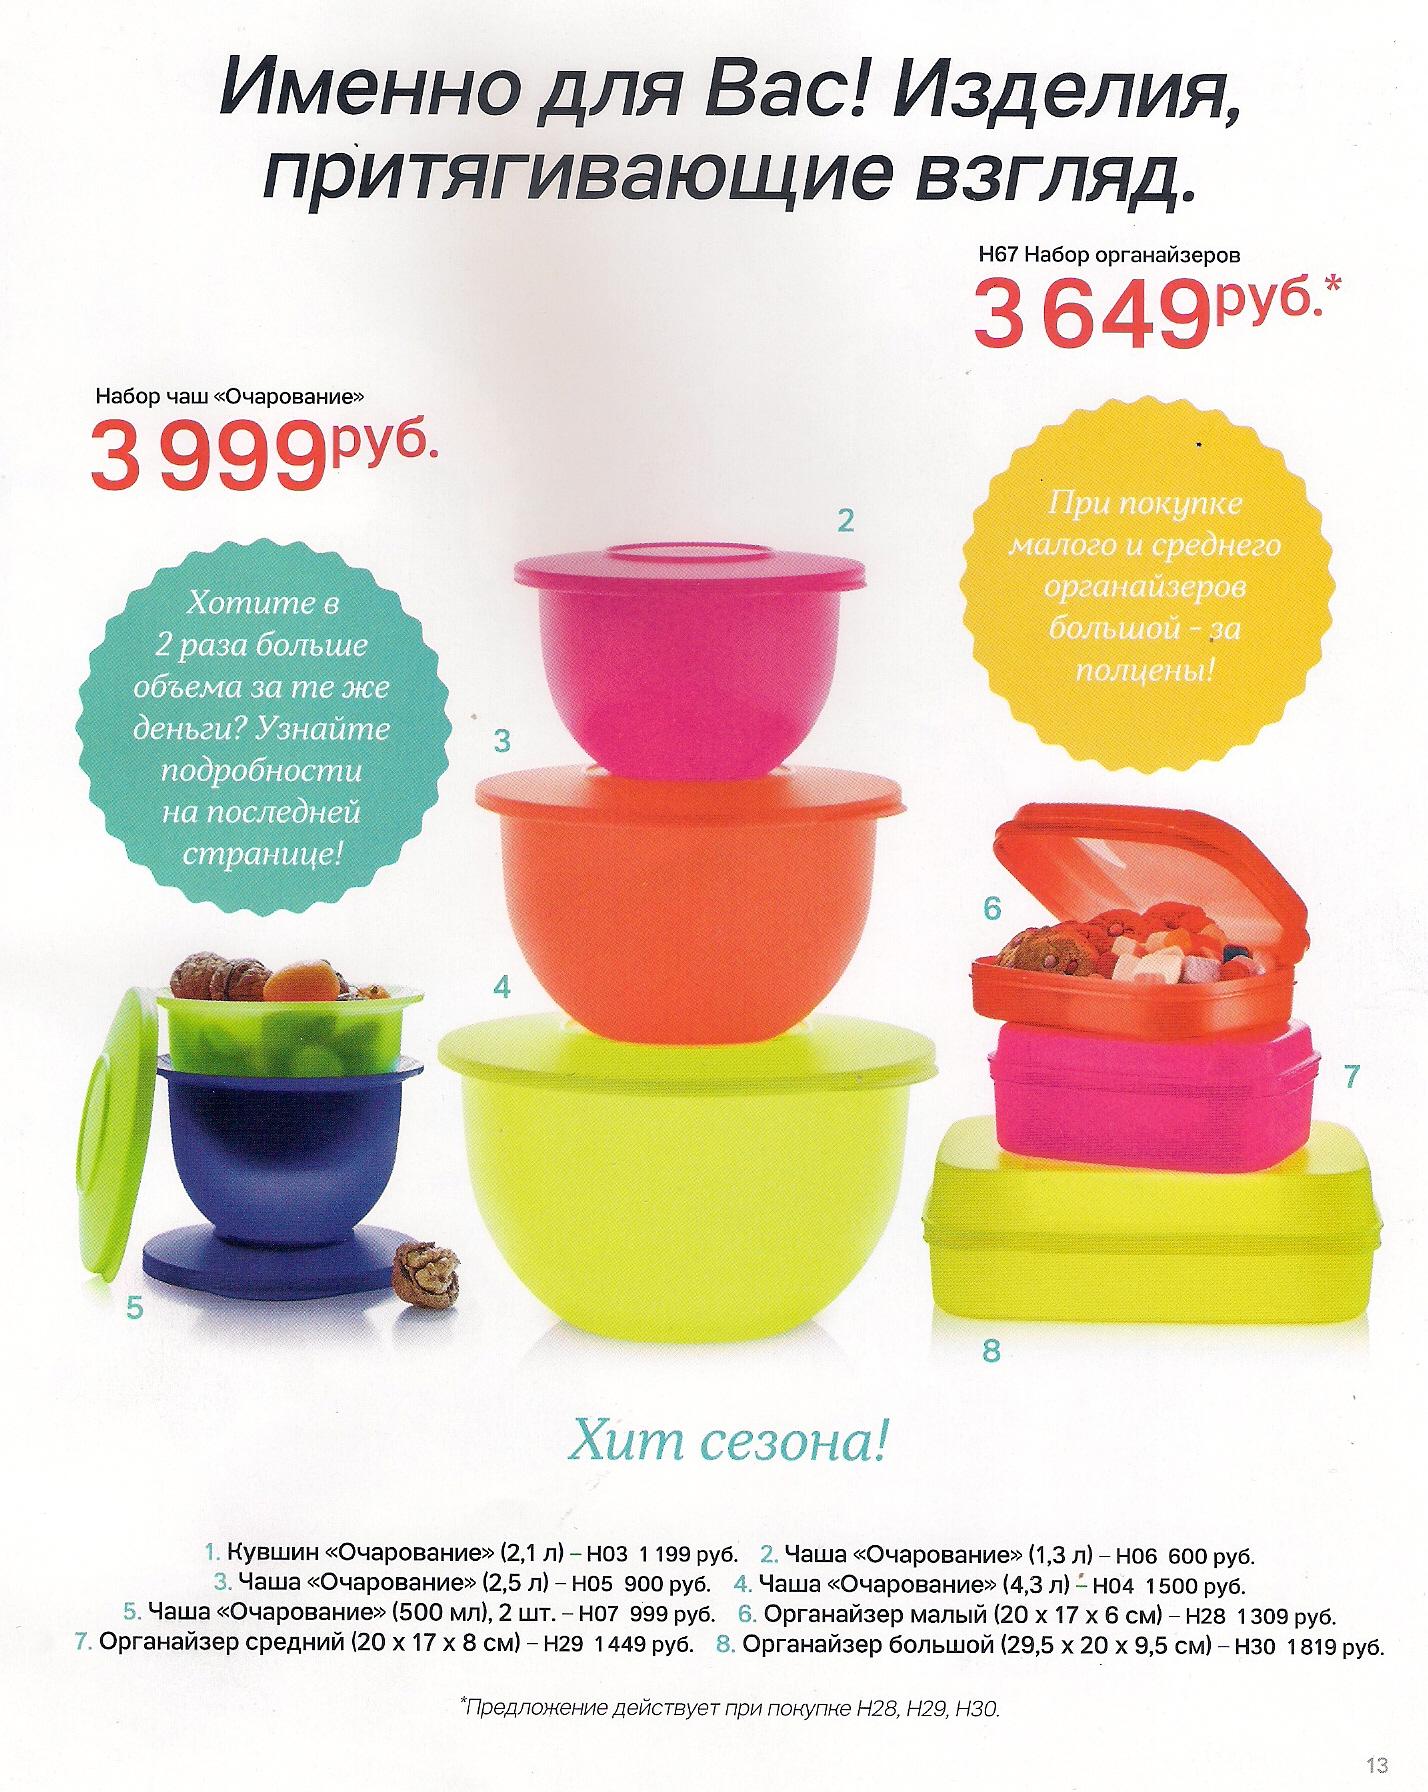 http://tupperware-online.ru/images/upload/11k.jpg